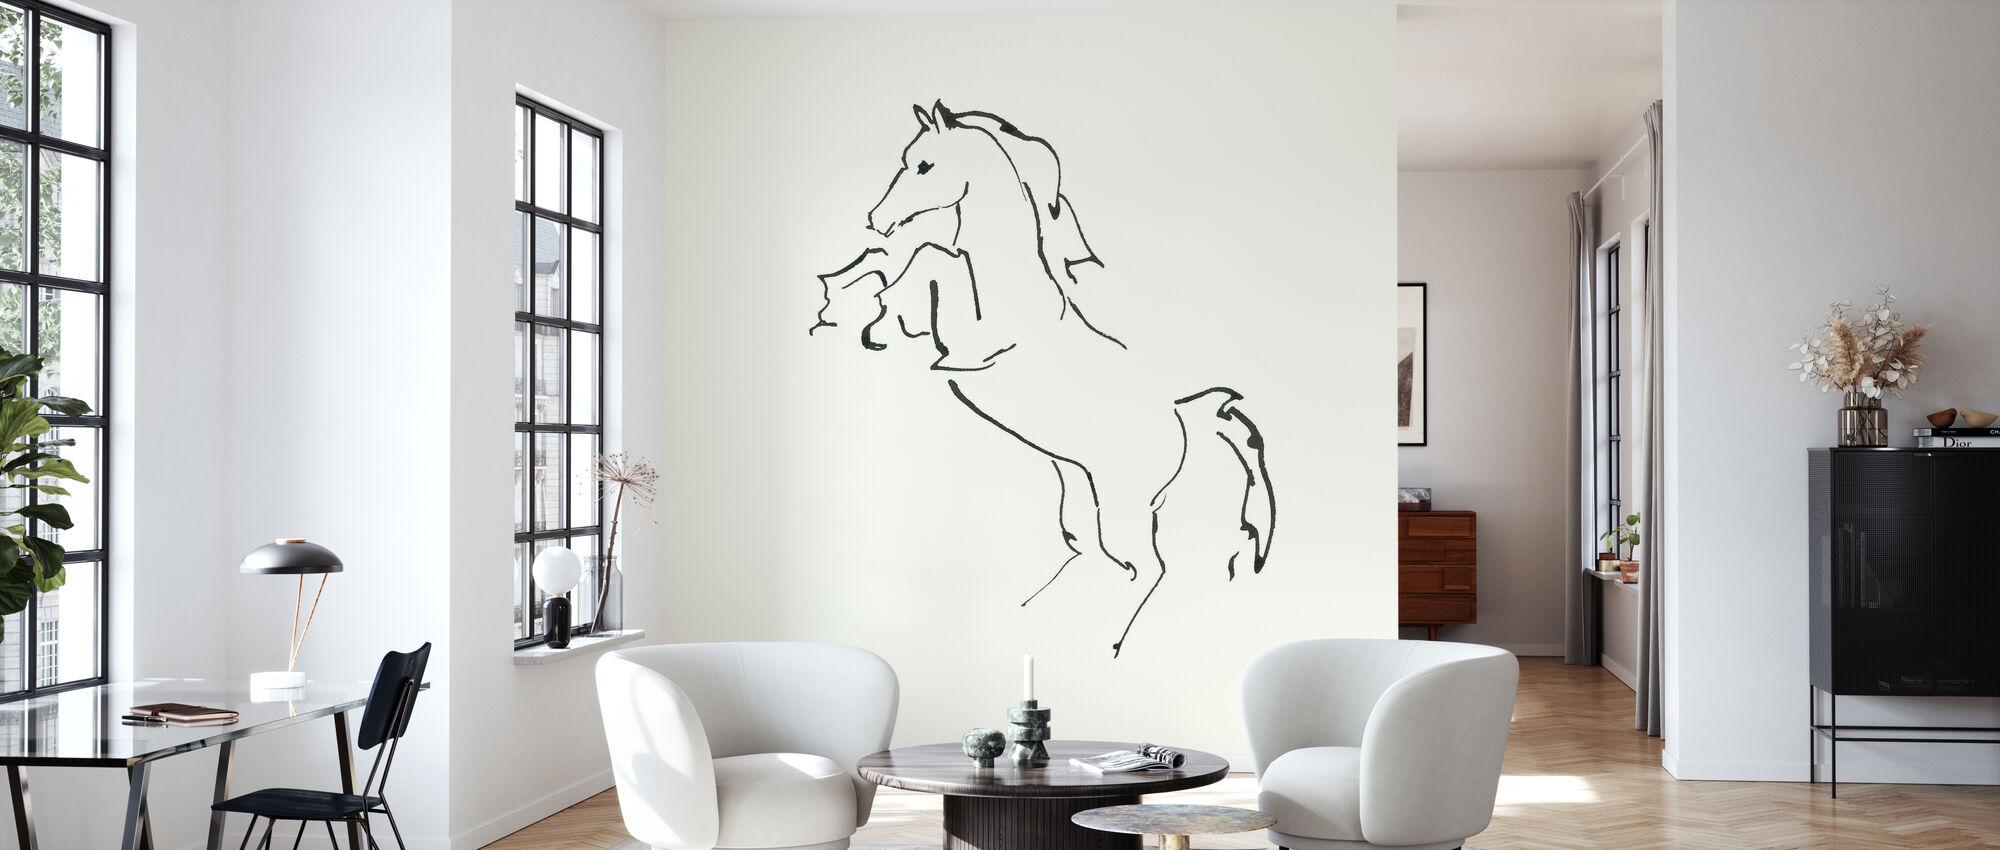 Line Horse IV - Wallpaper - Living Room